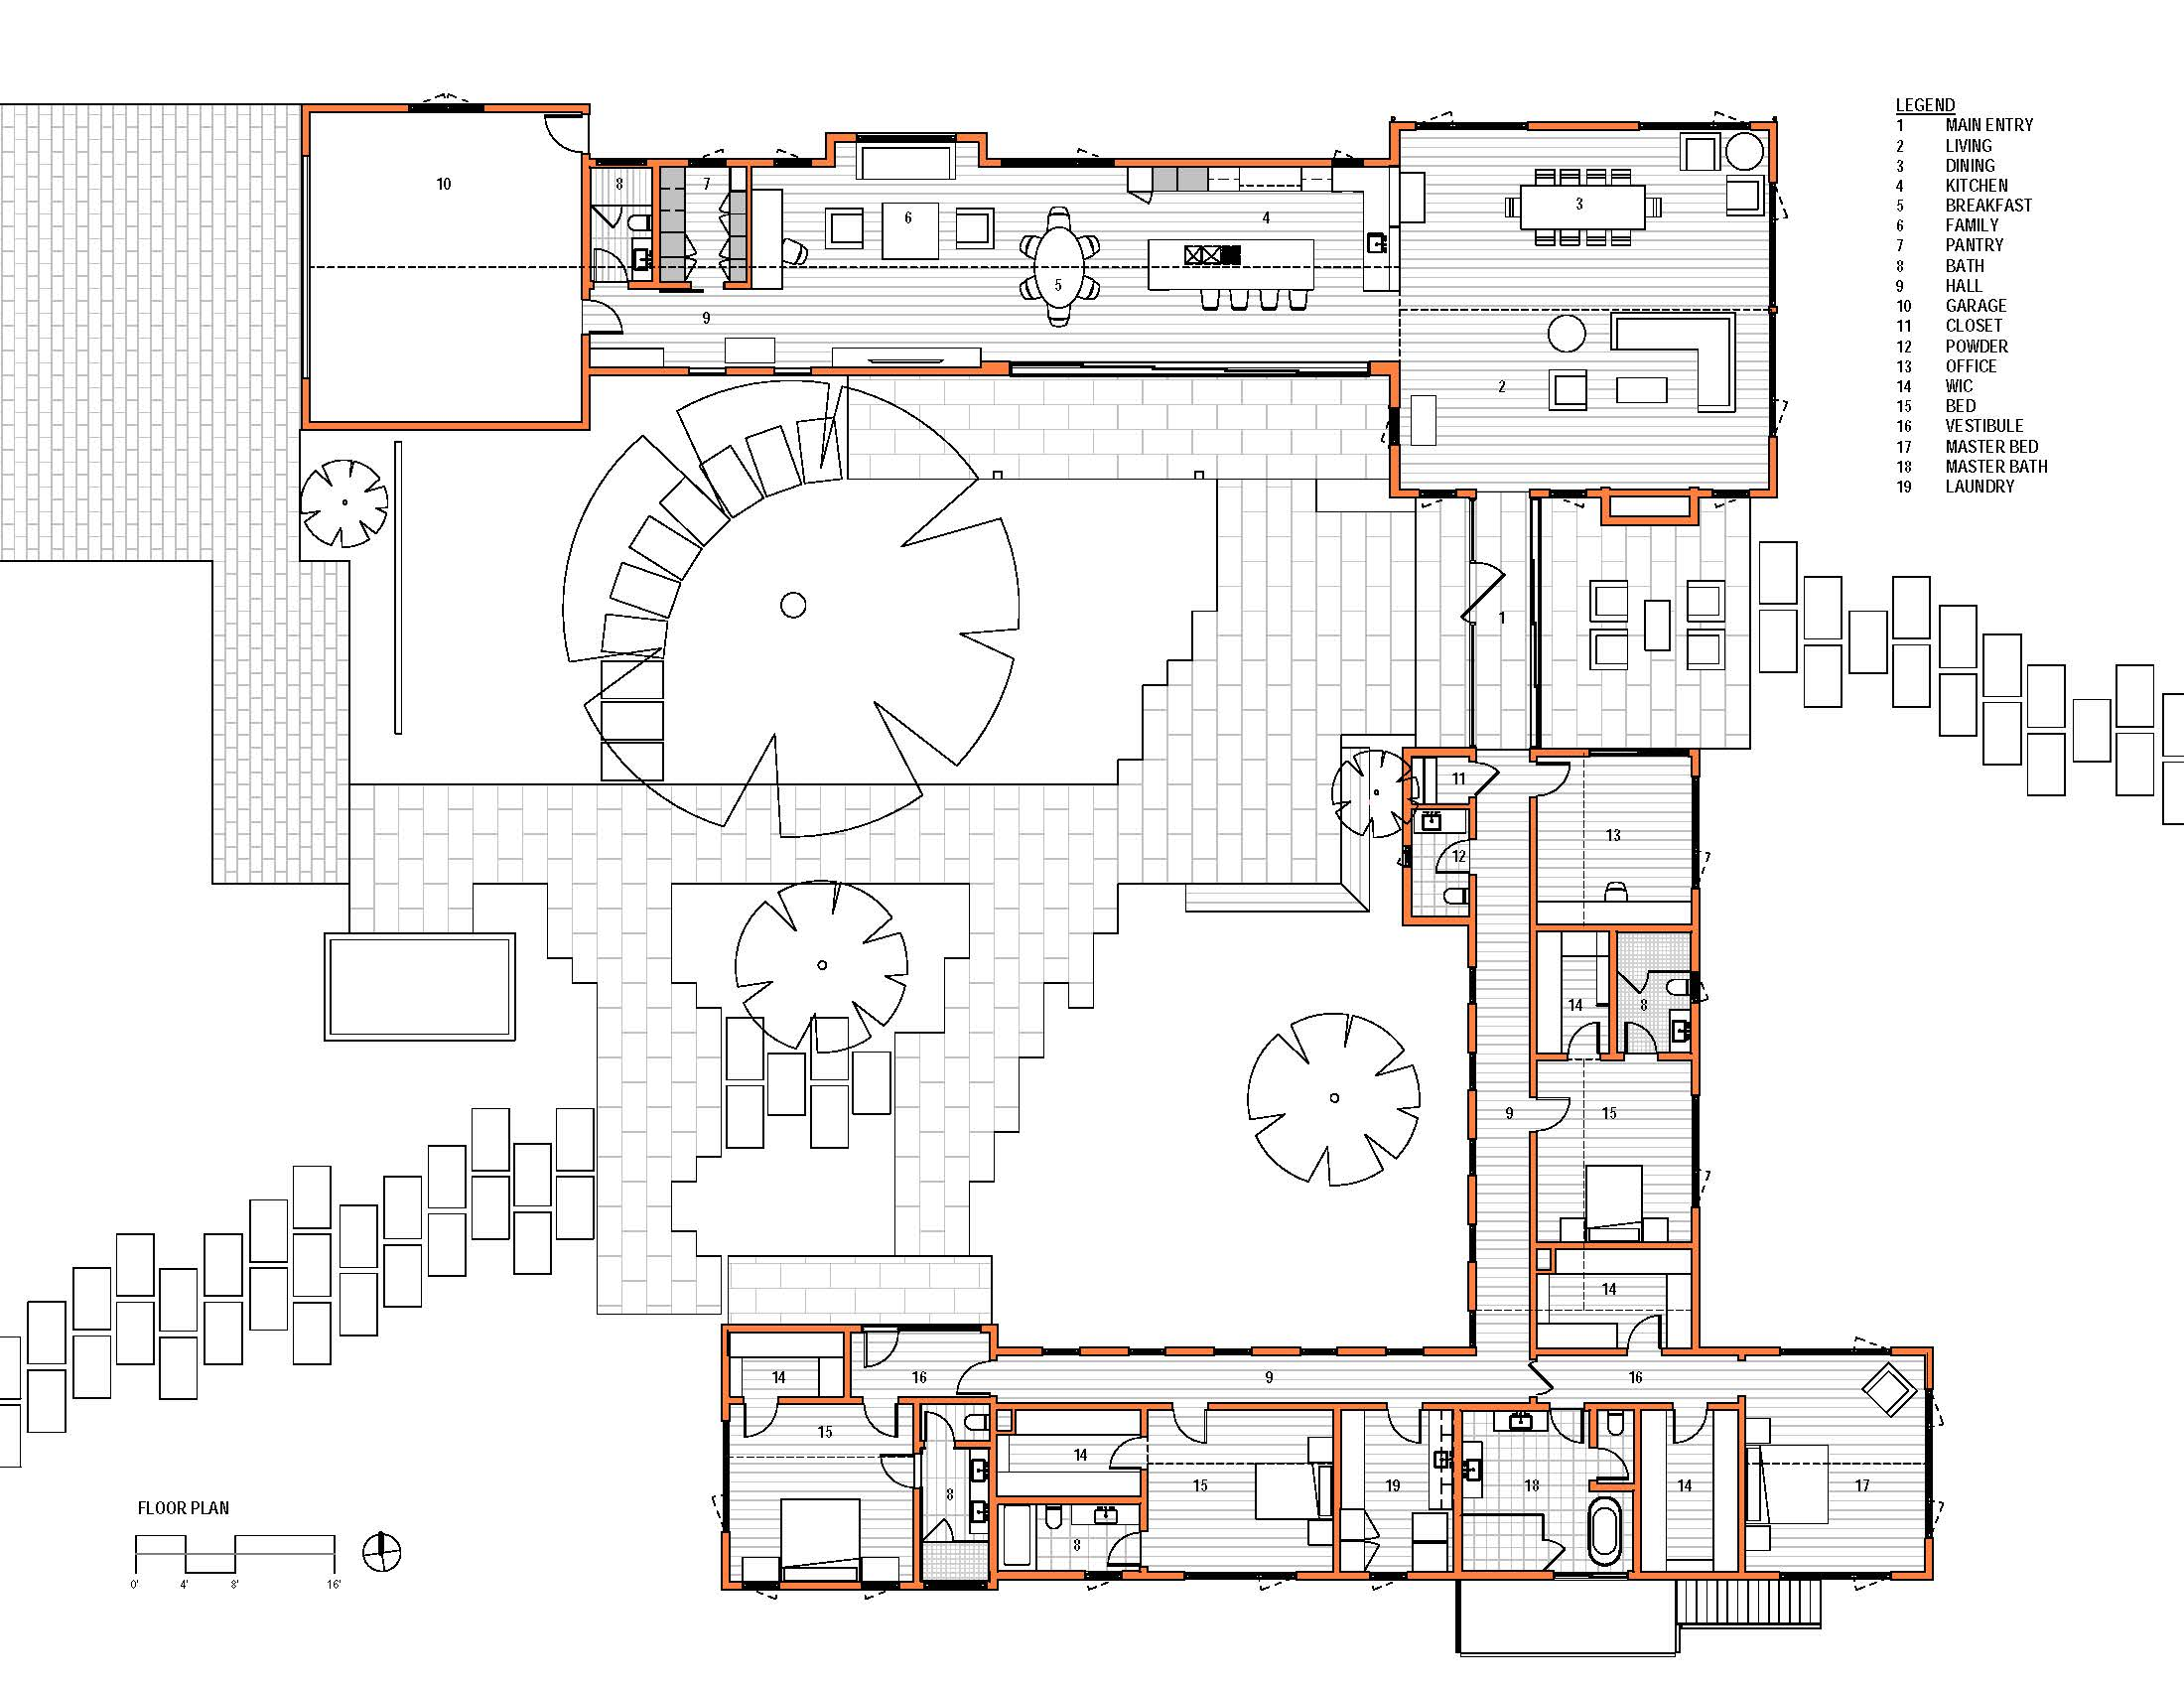 5550 Bennet Valley Road - Floor Plan.jpg